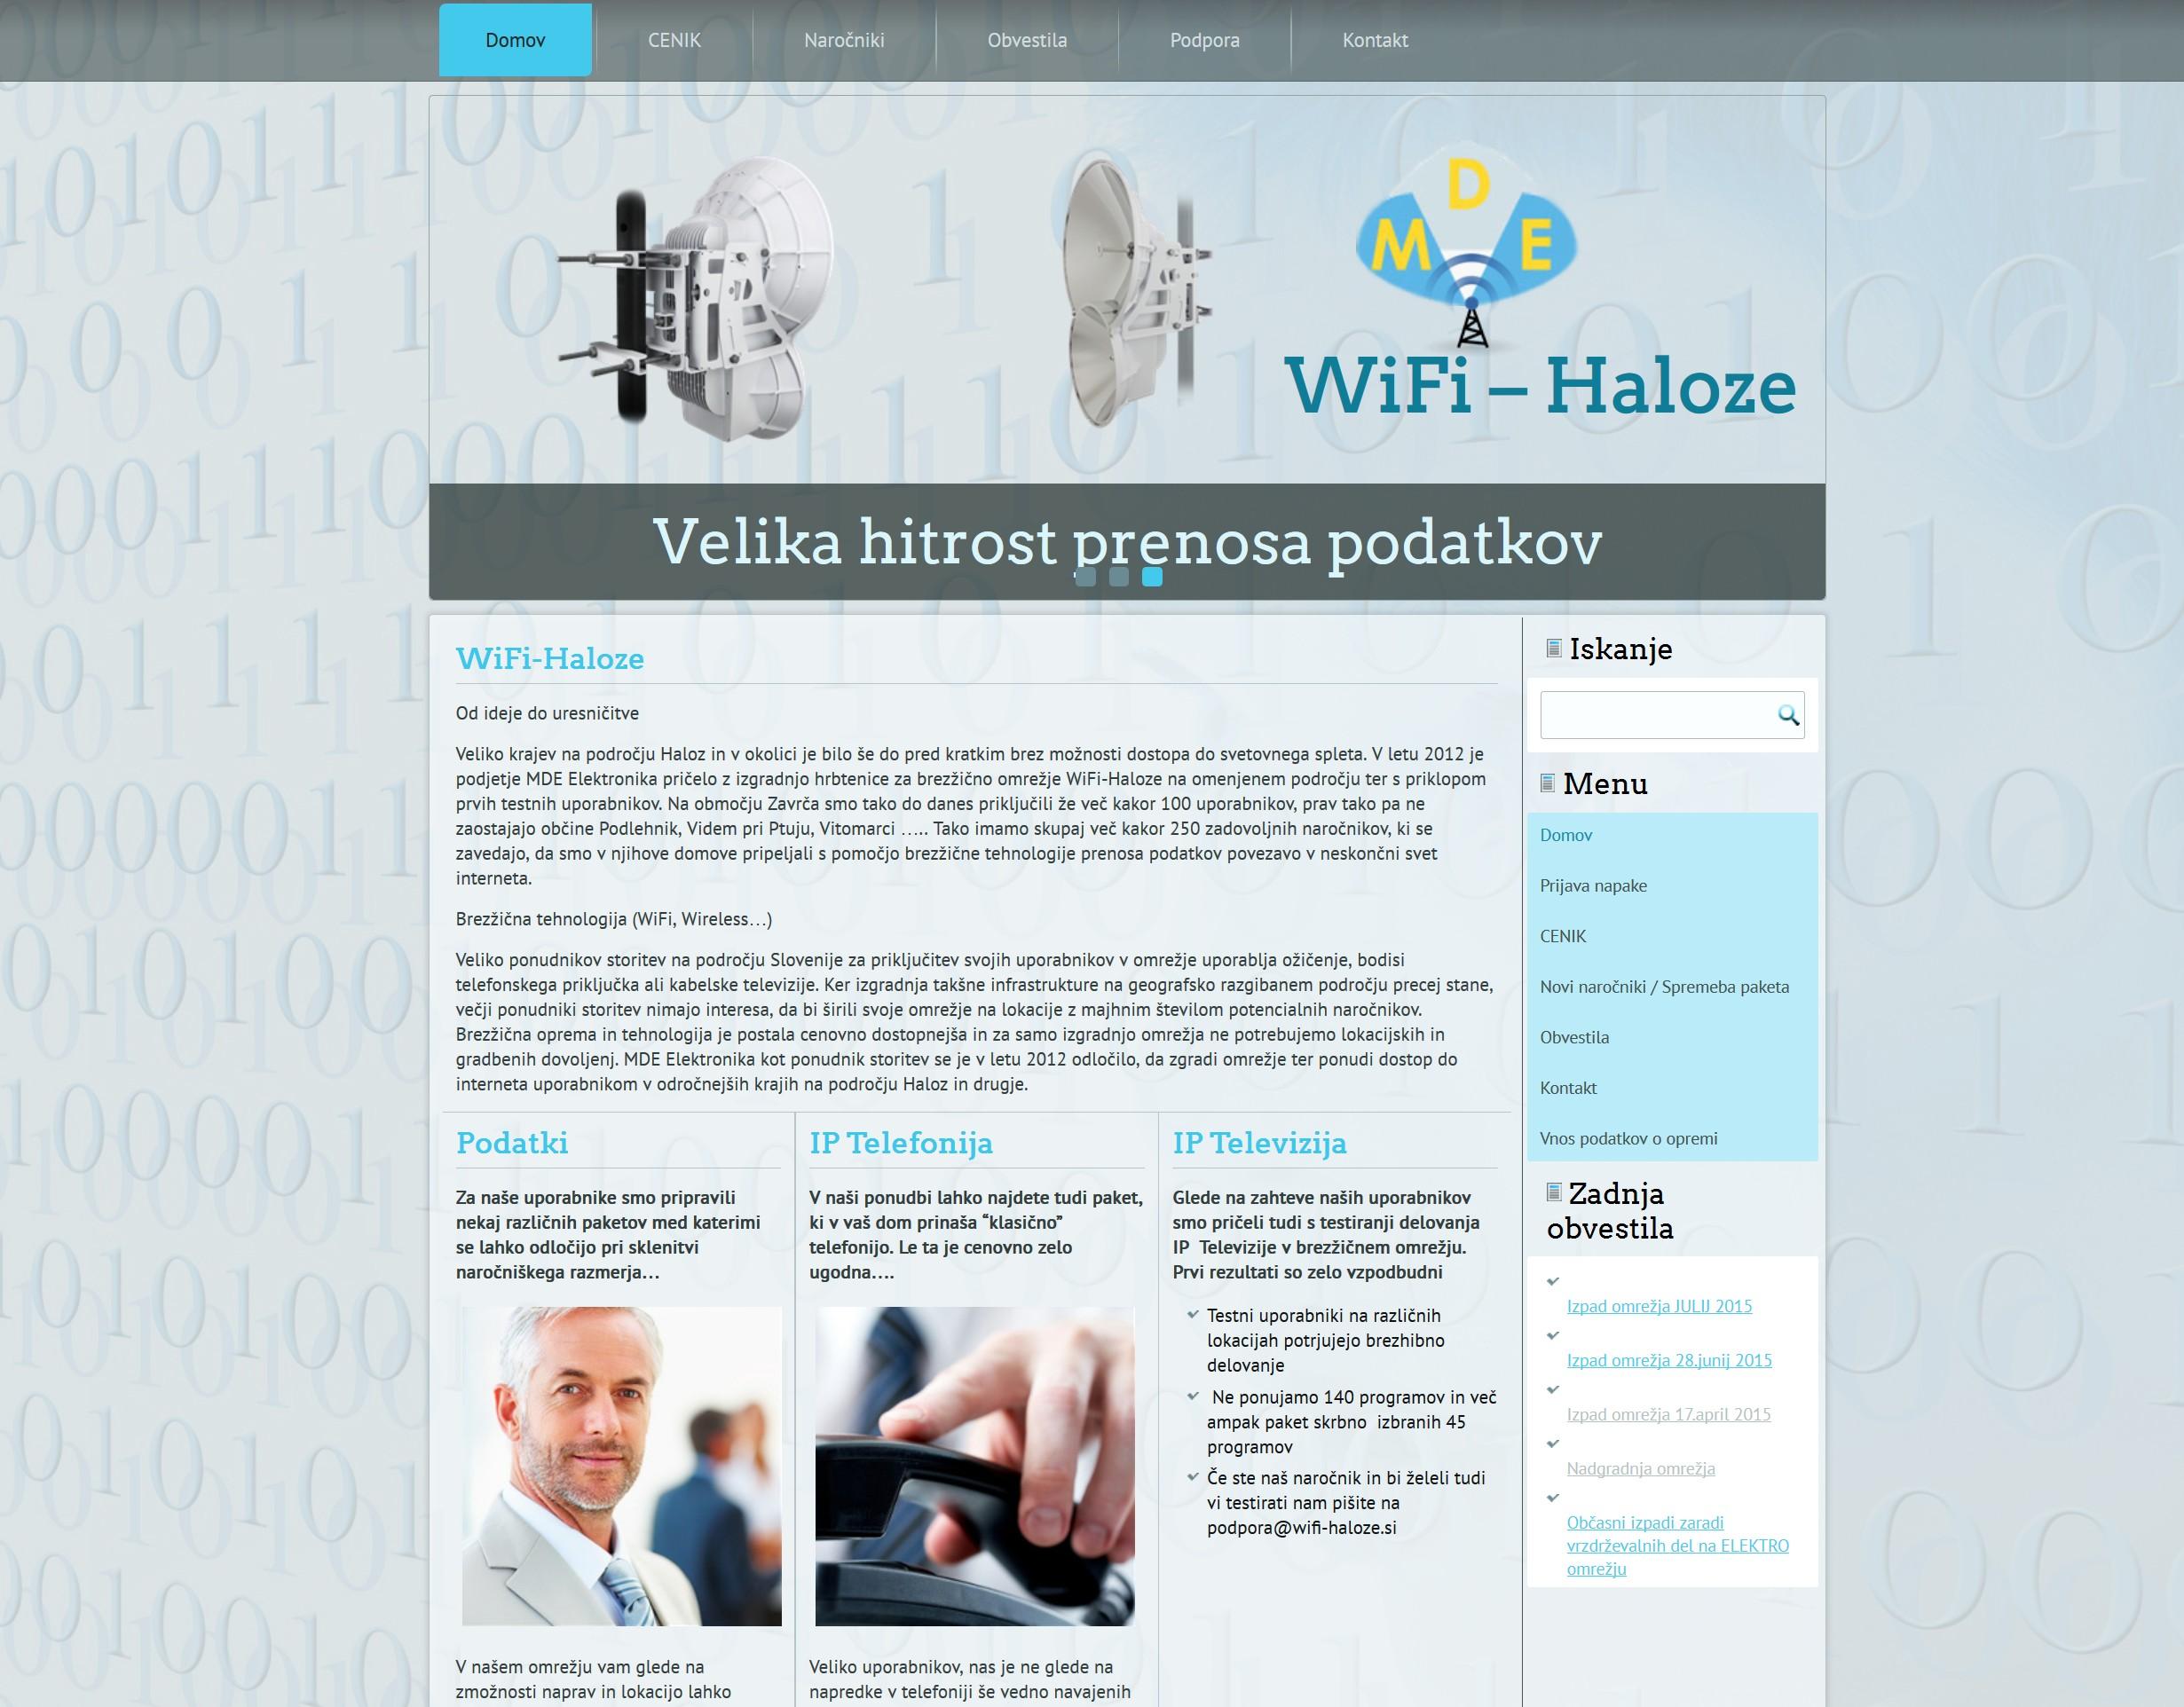 WiFi-Haloze